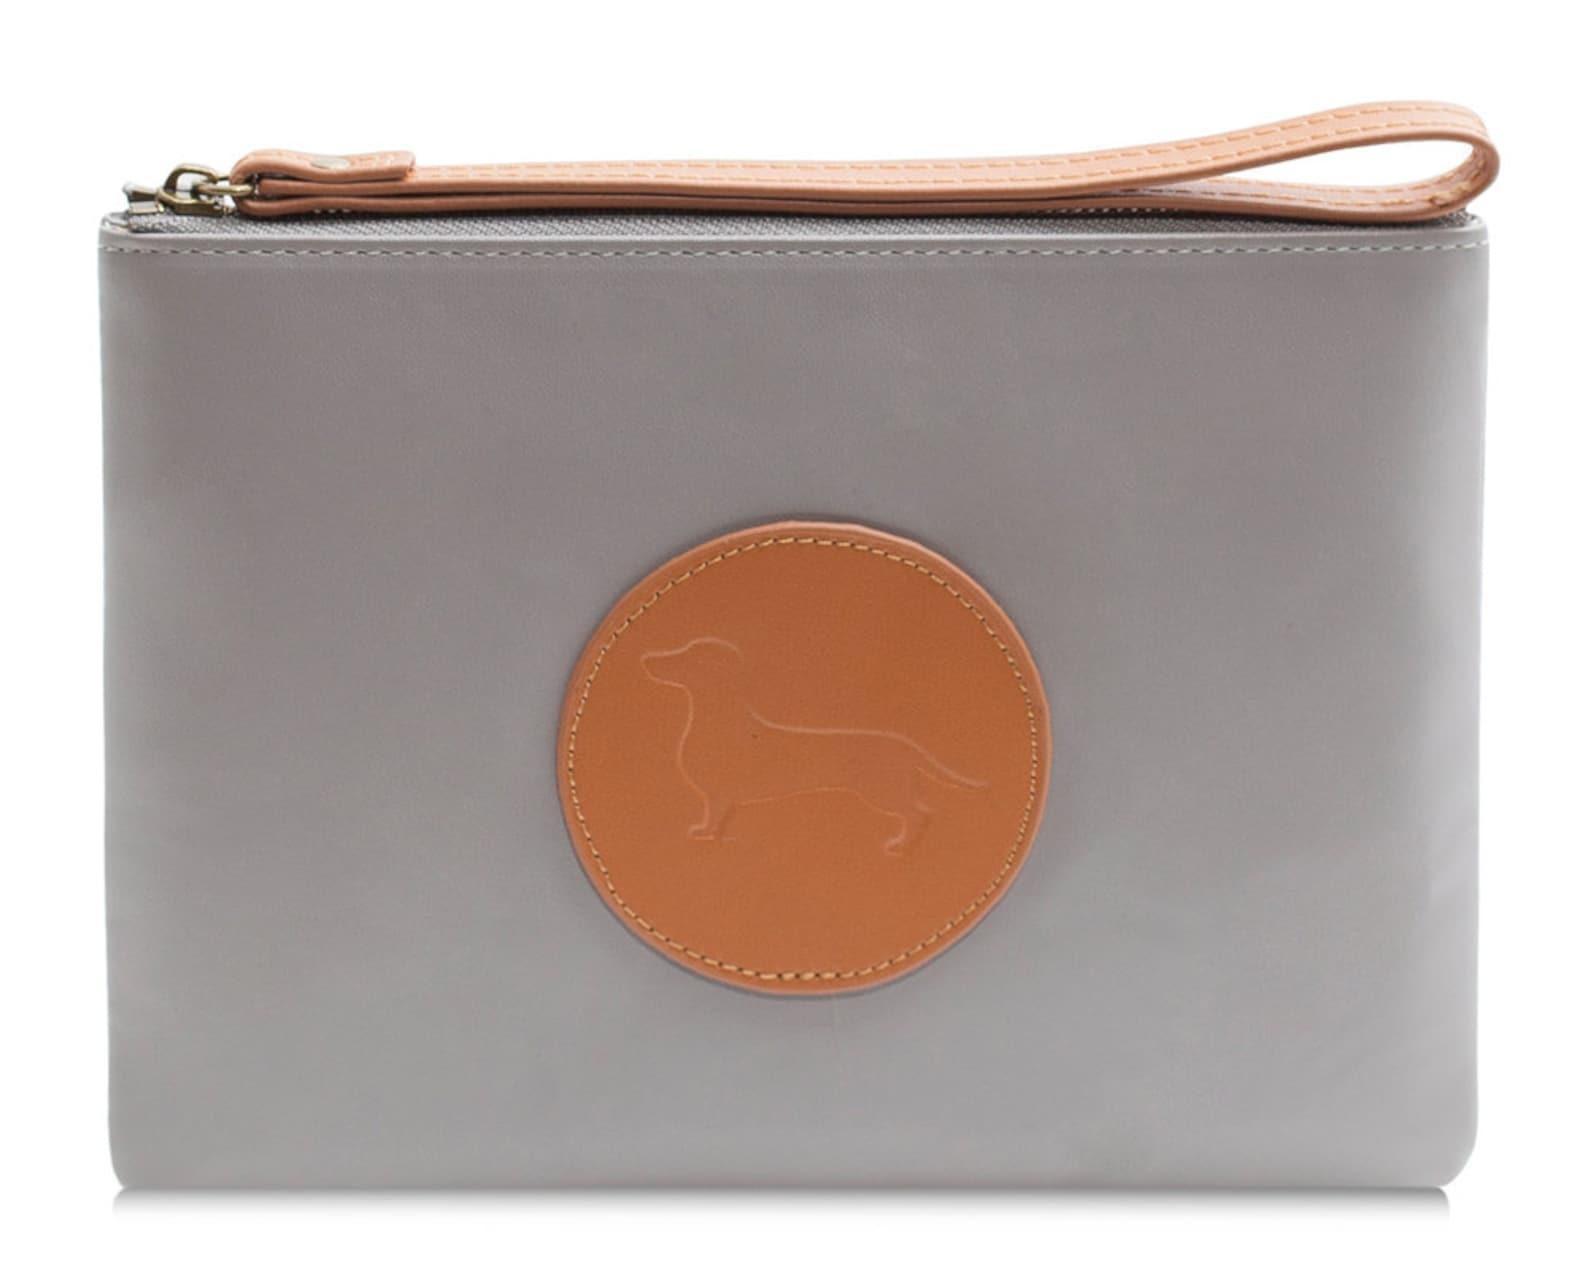 Dachshund clutch purse